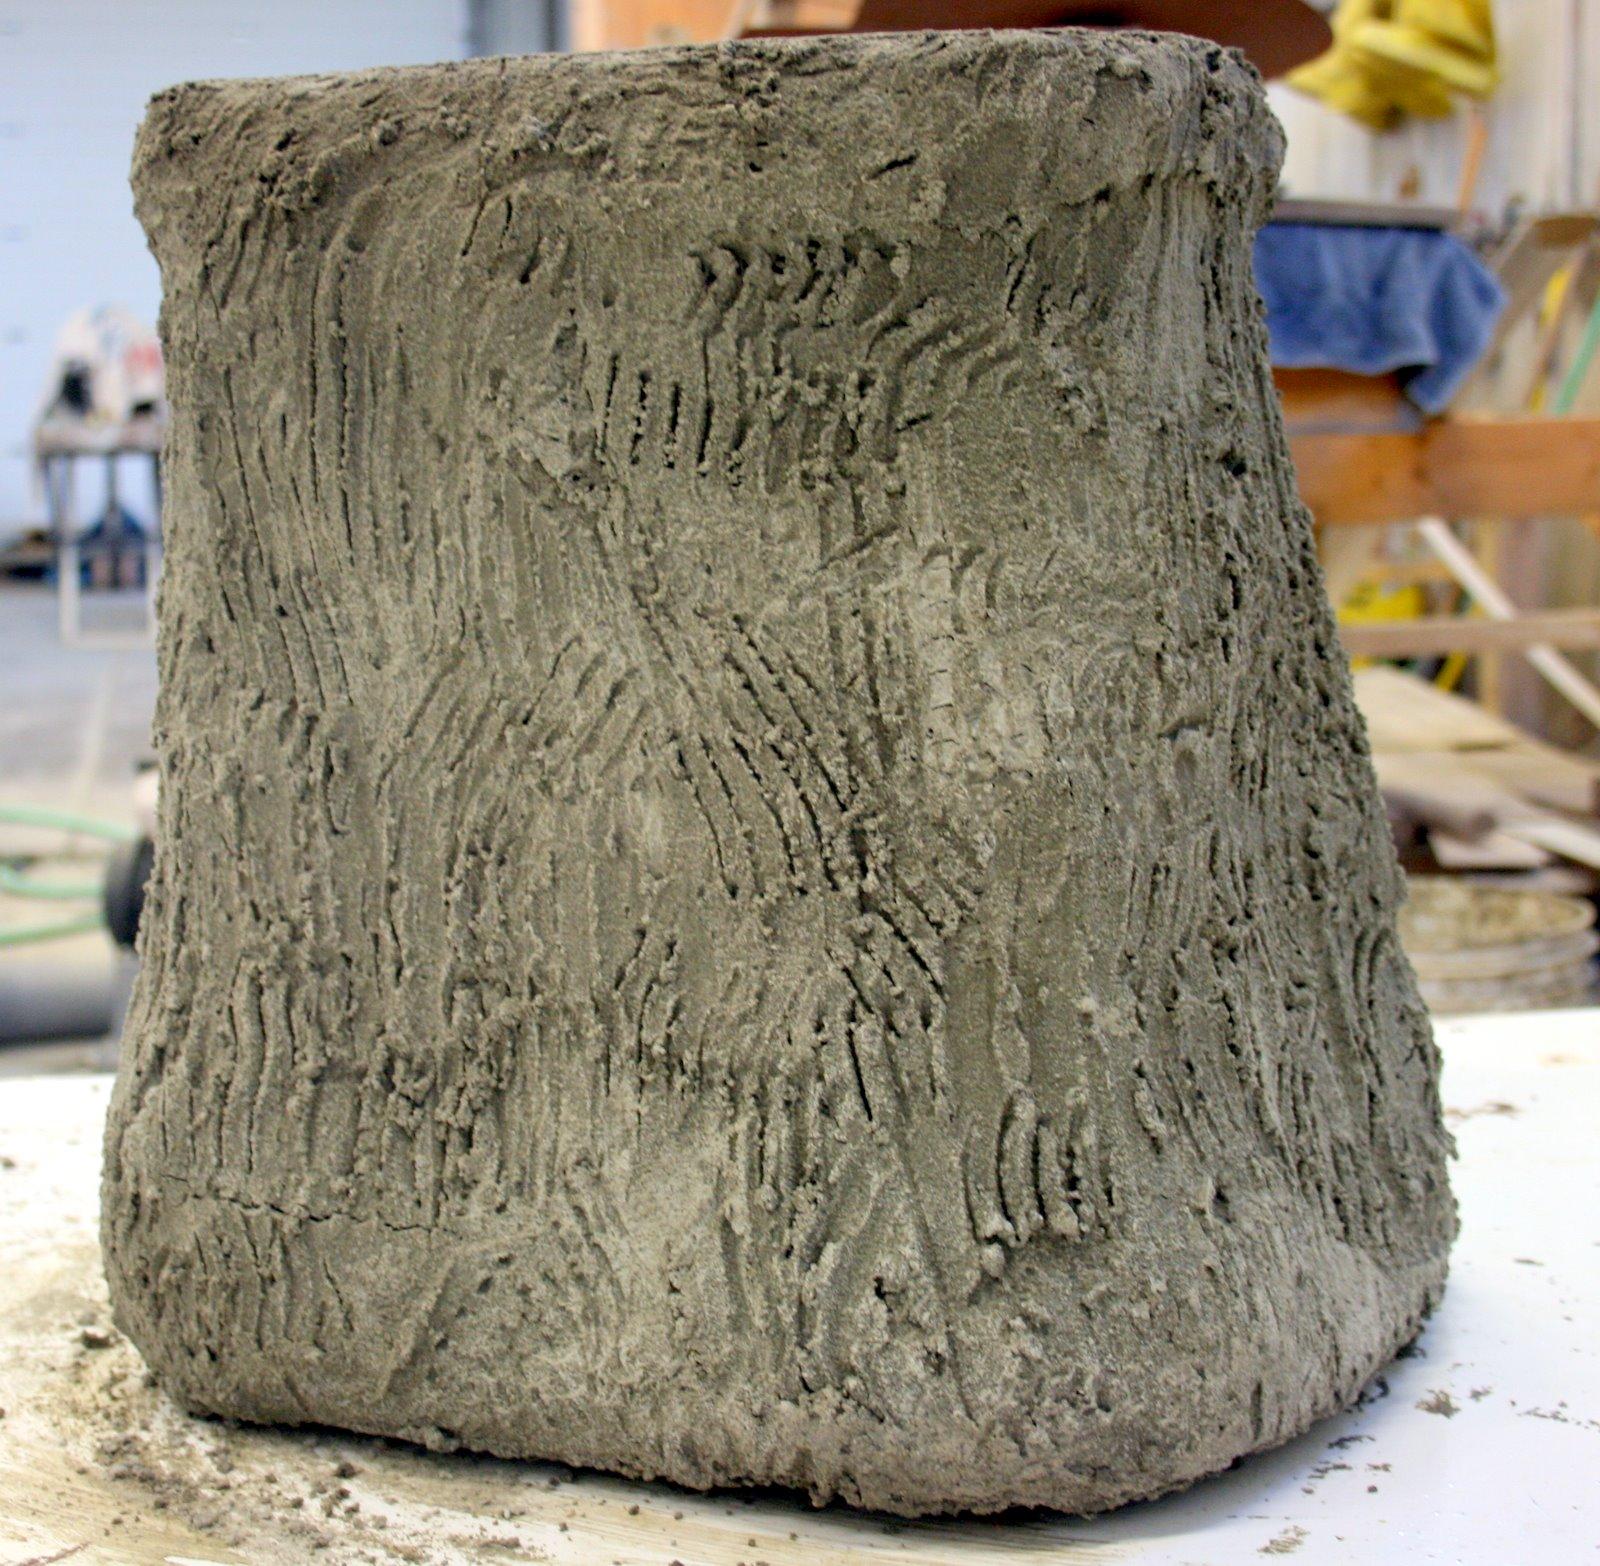 Faux Bois Cement : Faux bois stump first layer of concrete nona hyytinen